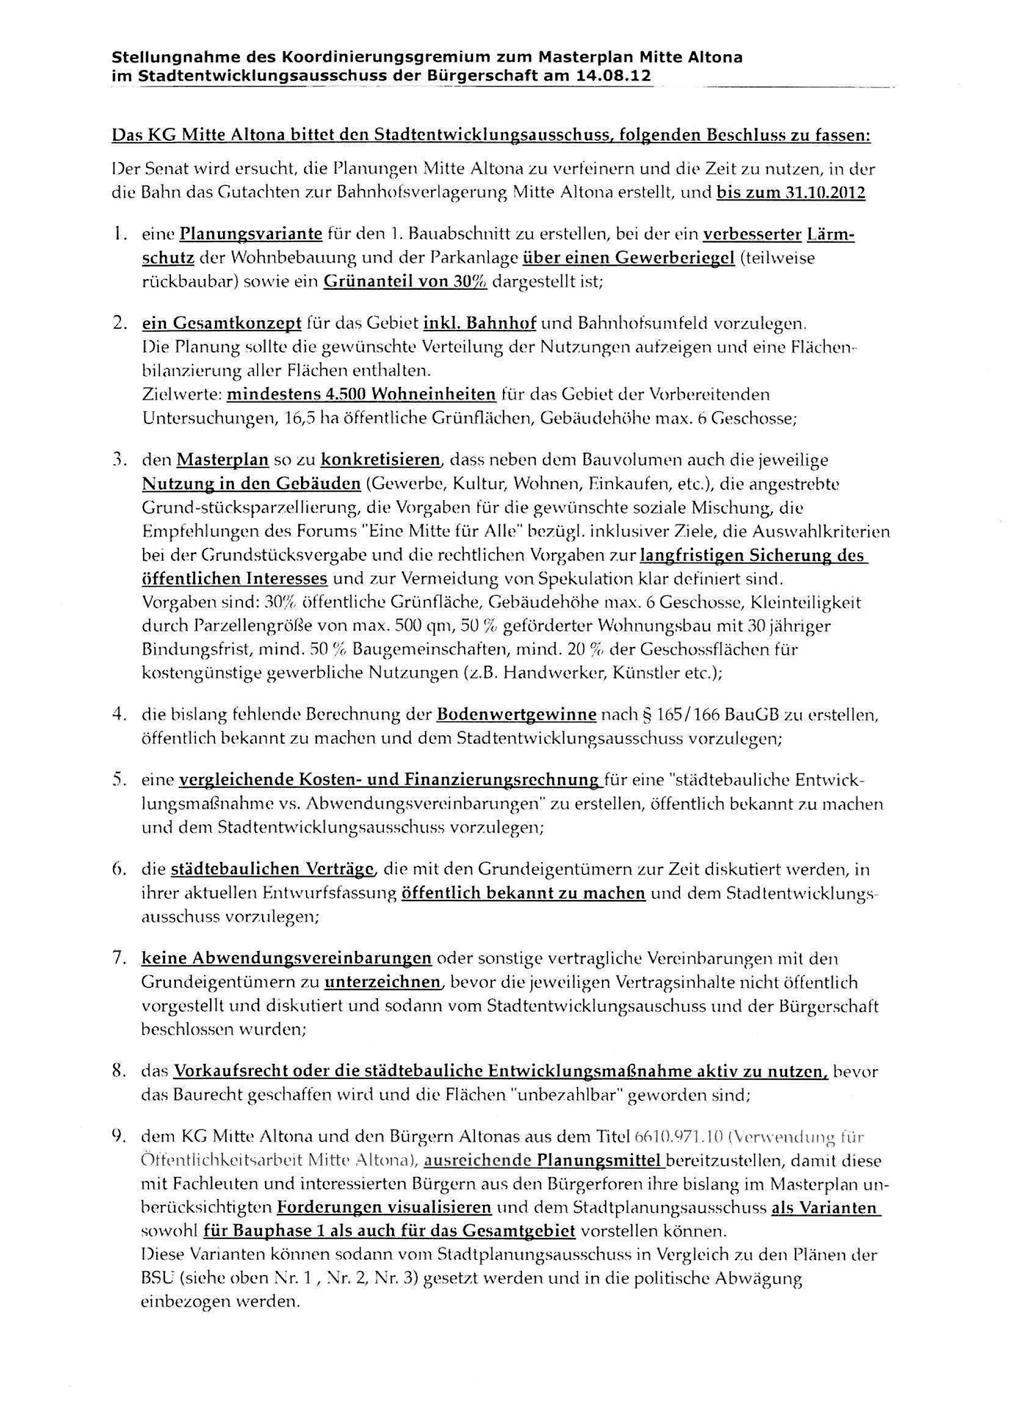 Stellungnahme KG Seite 3